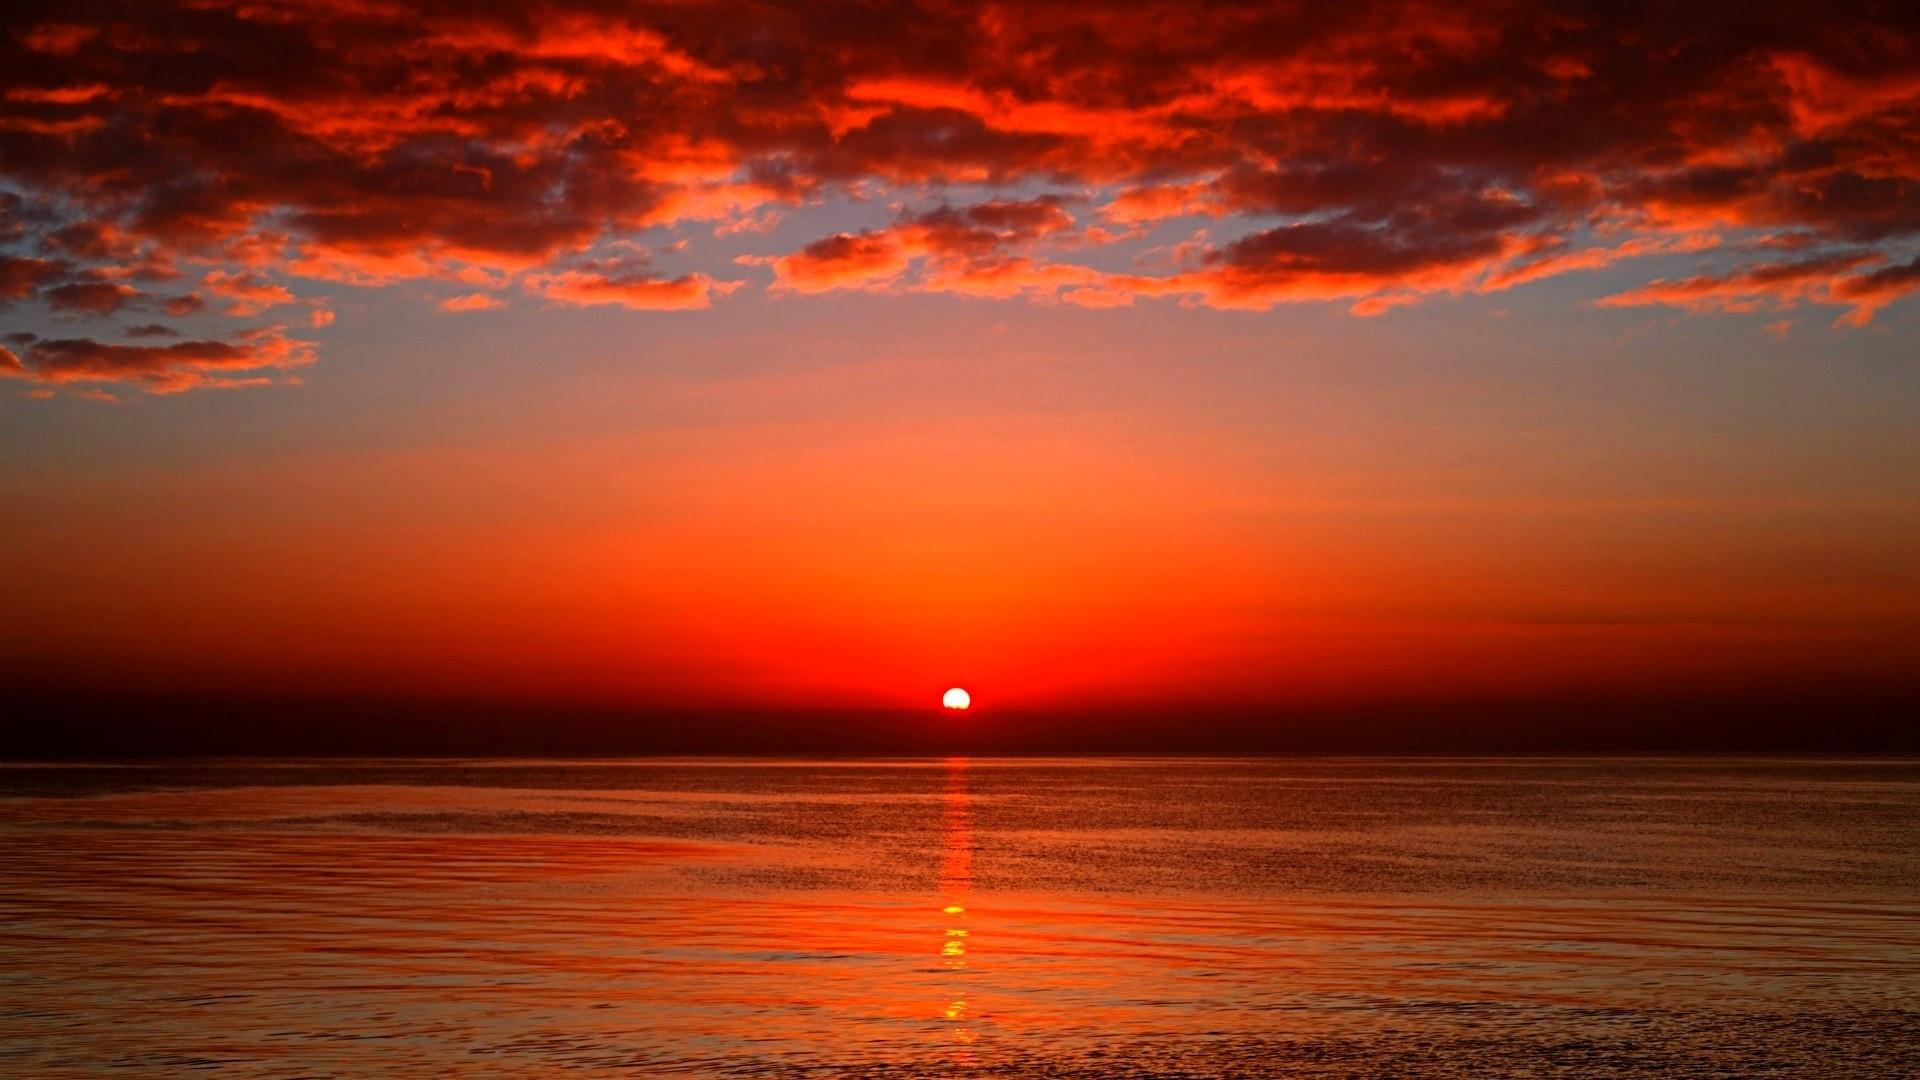 Clouds Summer Horizon Sunset Nature Sky Ocean Wallpaper Hd